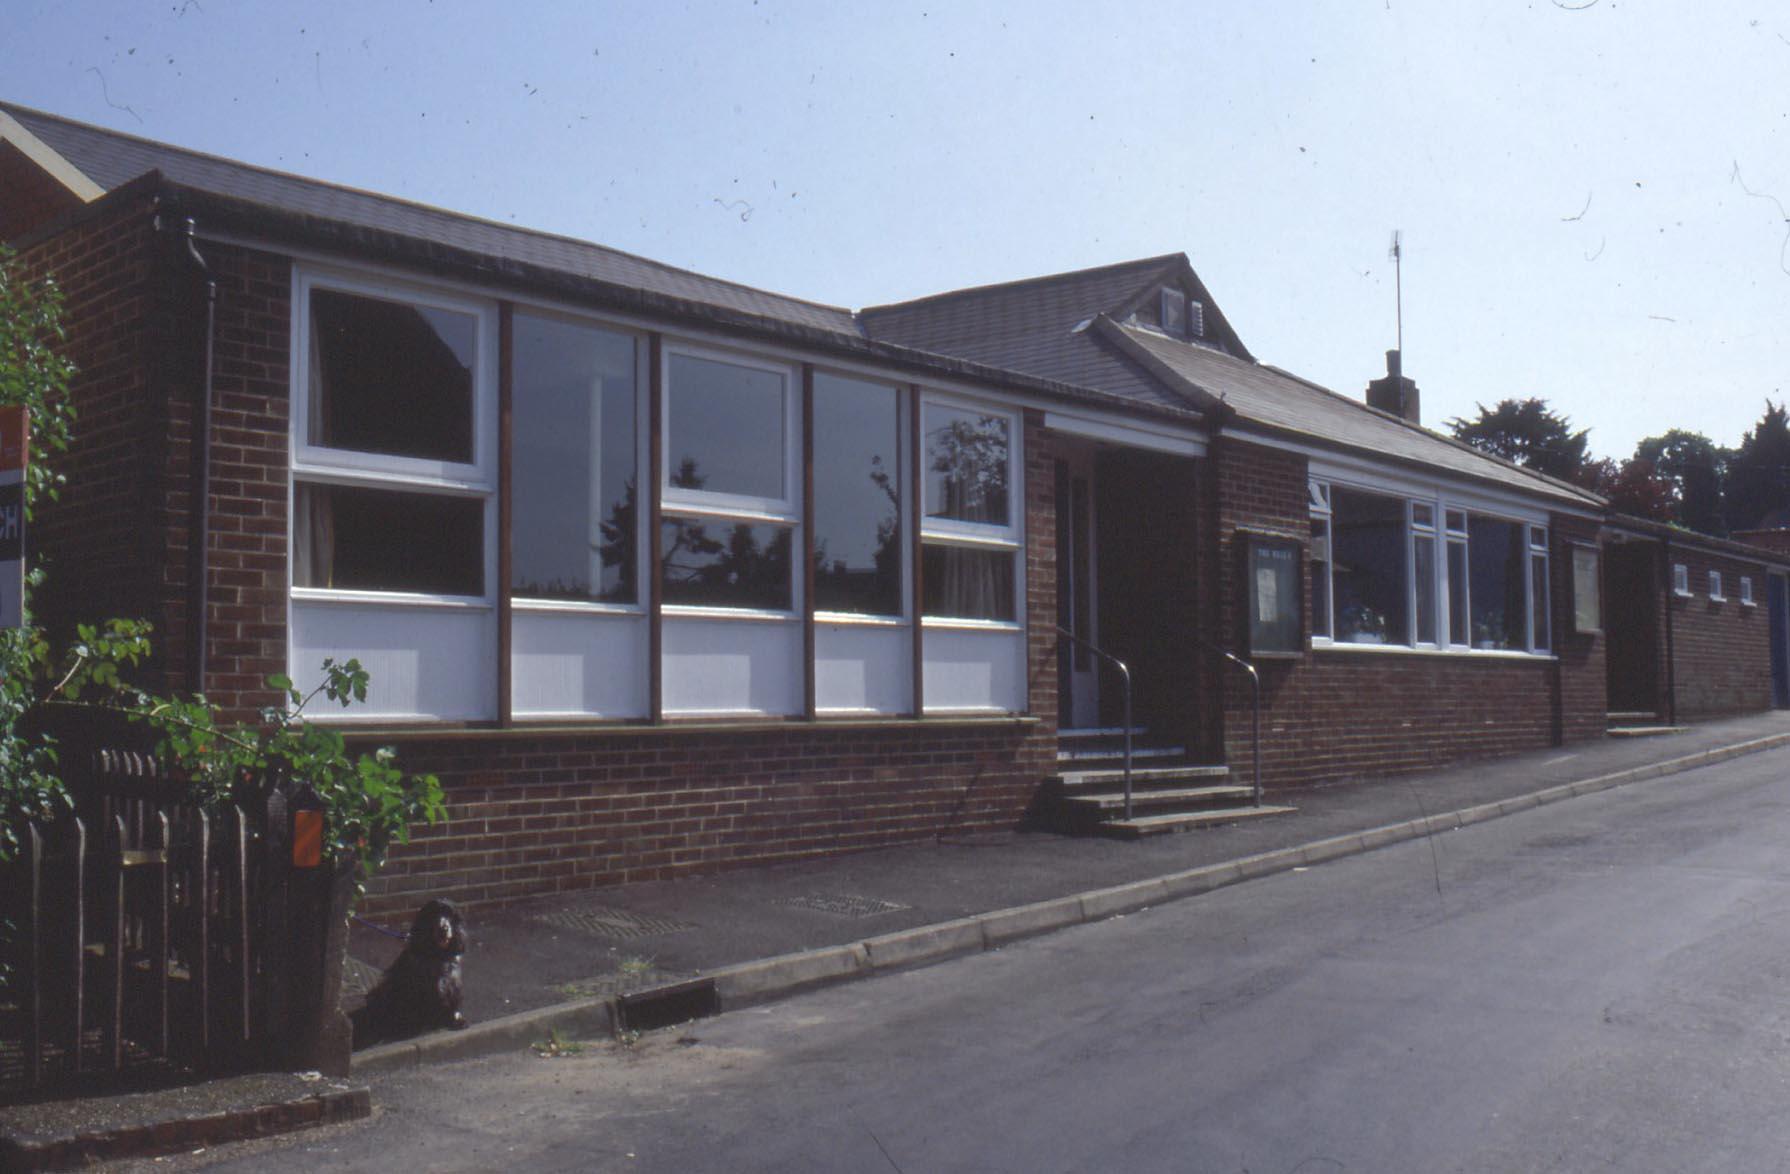 The Hut (Image 2)